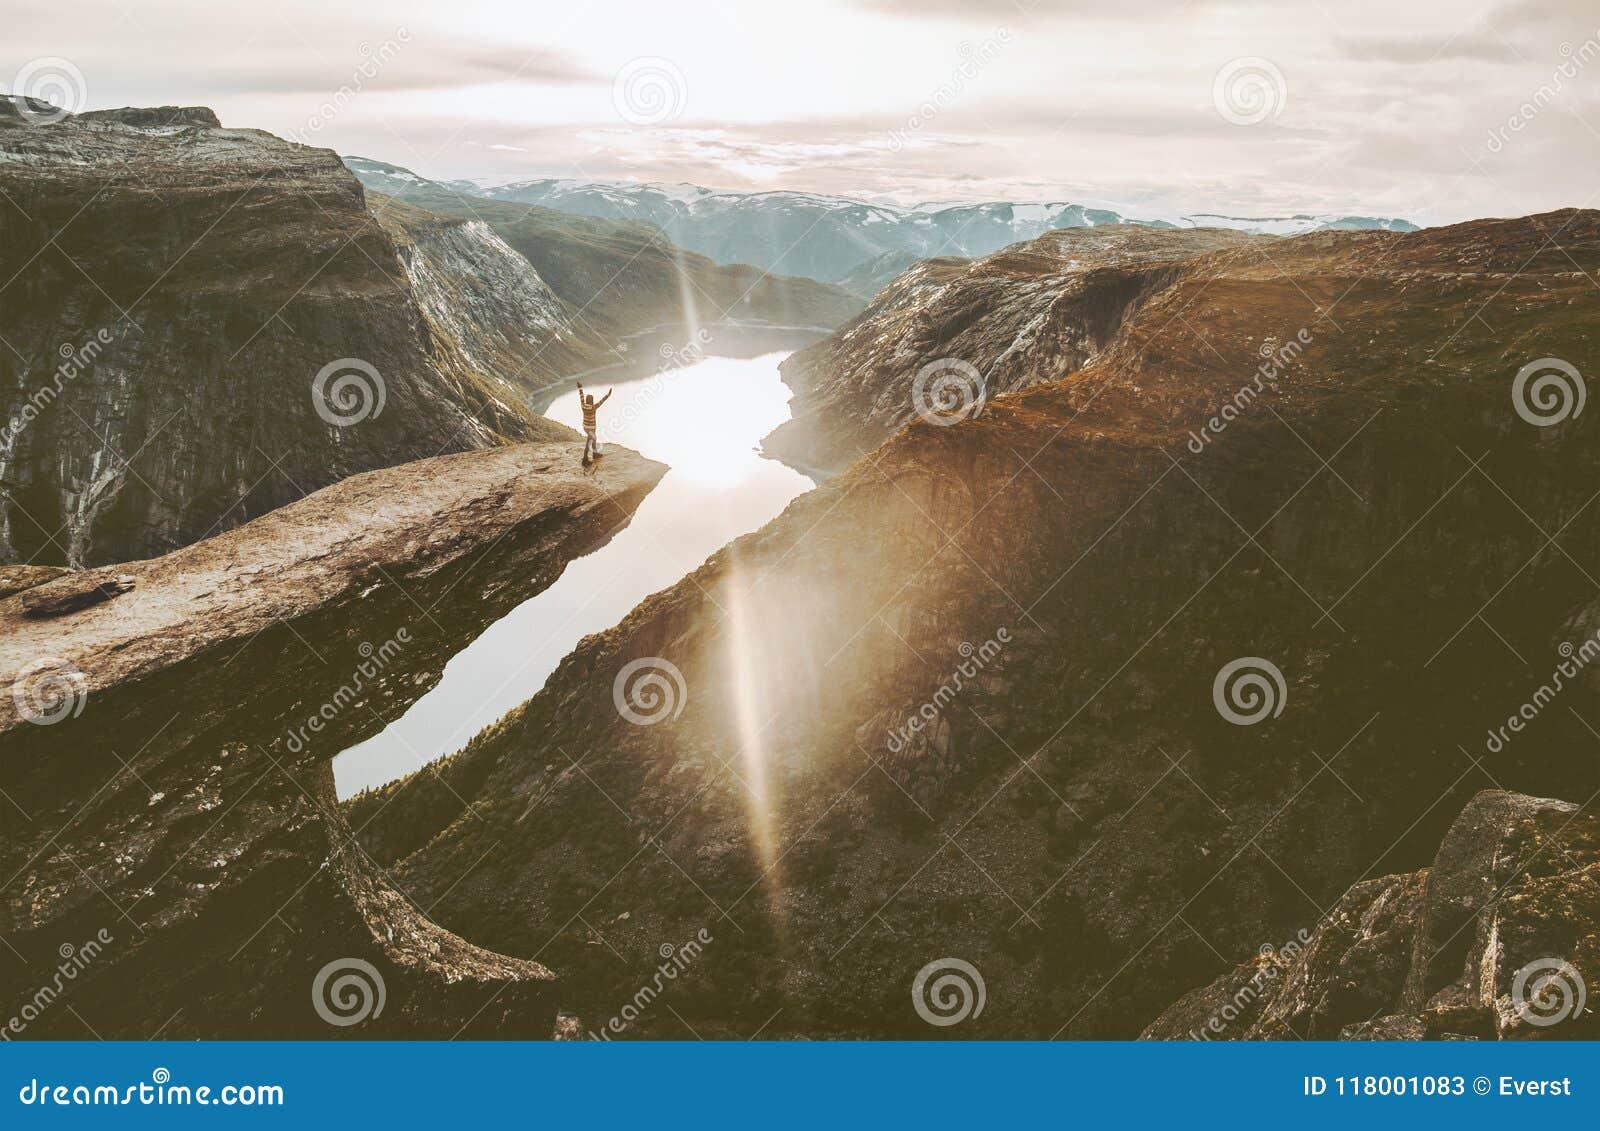 Toerist op Trolltunga-klippenrand in het avonturenreis van Noorwegen